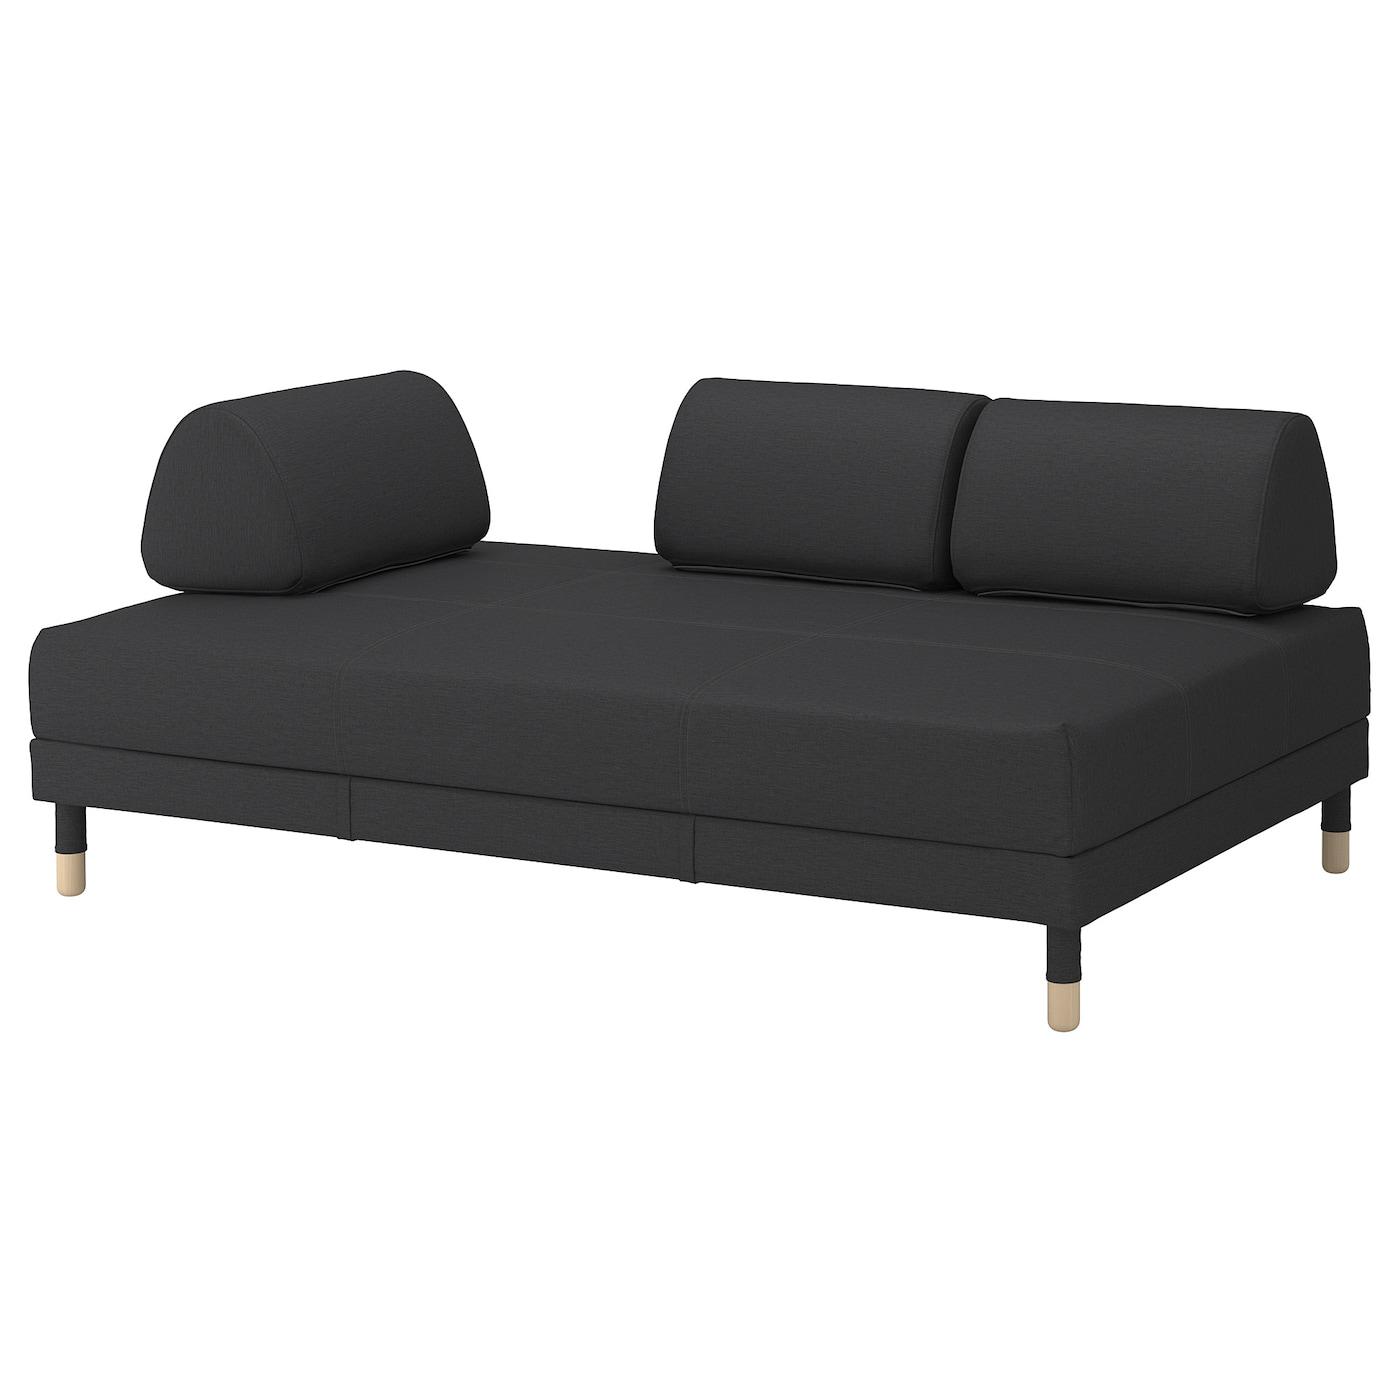 Flottebo Cover Sofa Bed Vissle Dark